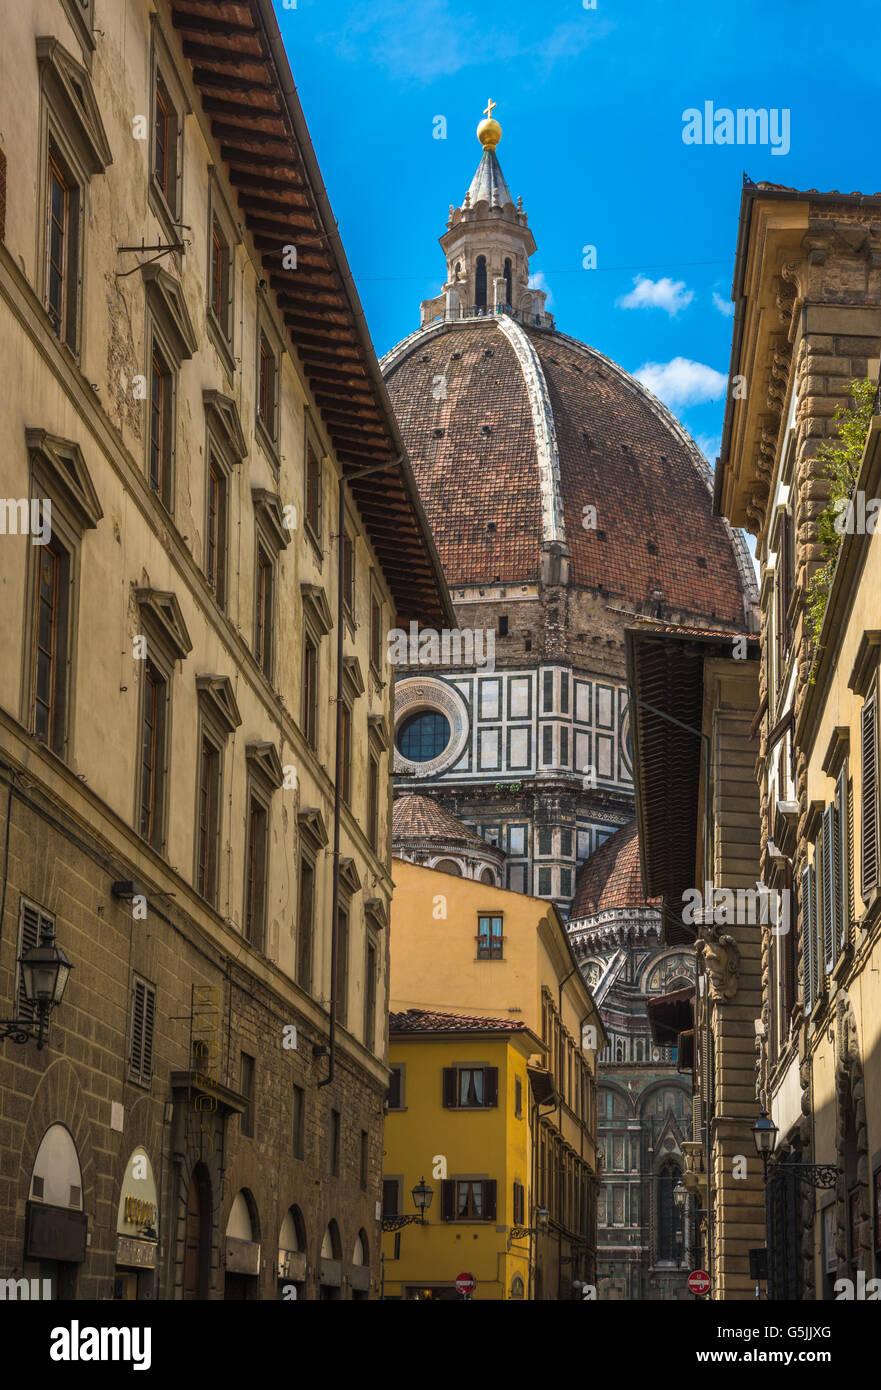 Calle de Florencia con la Catedral de Santa Maria del Fiore, también llamada Duomo, en la espalda, Toscana, Imagen De Stock